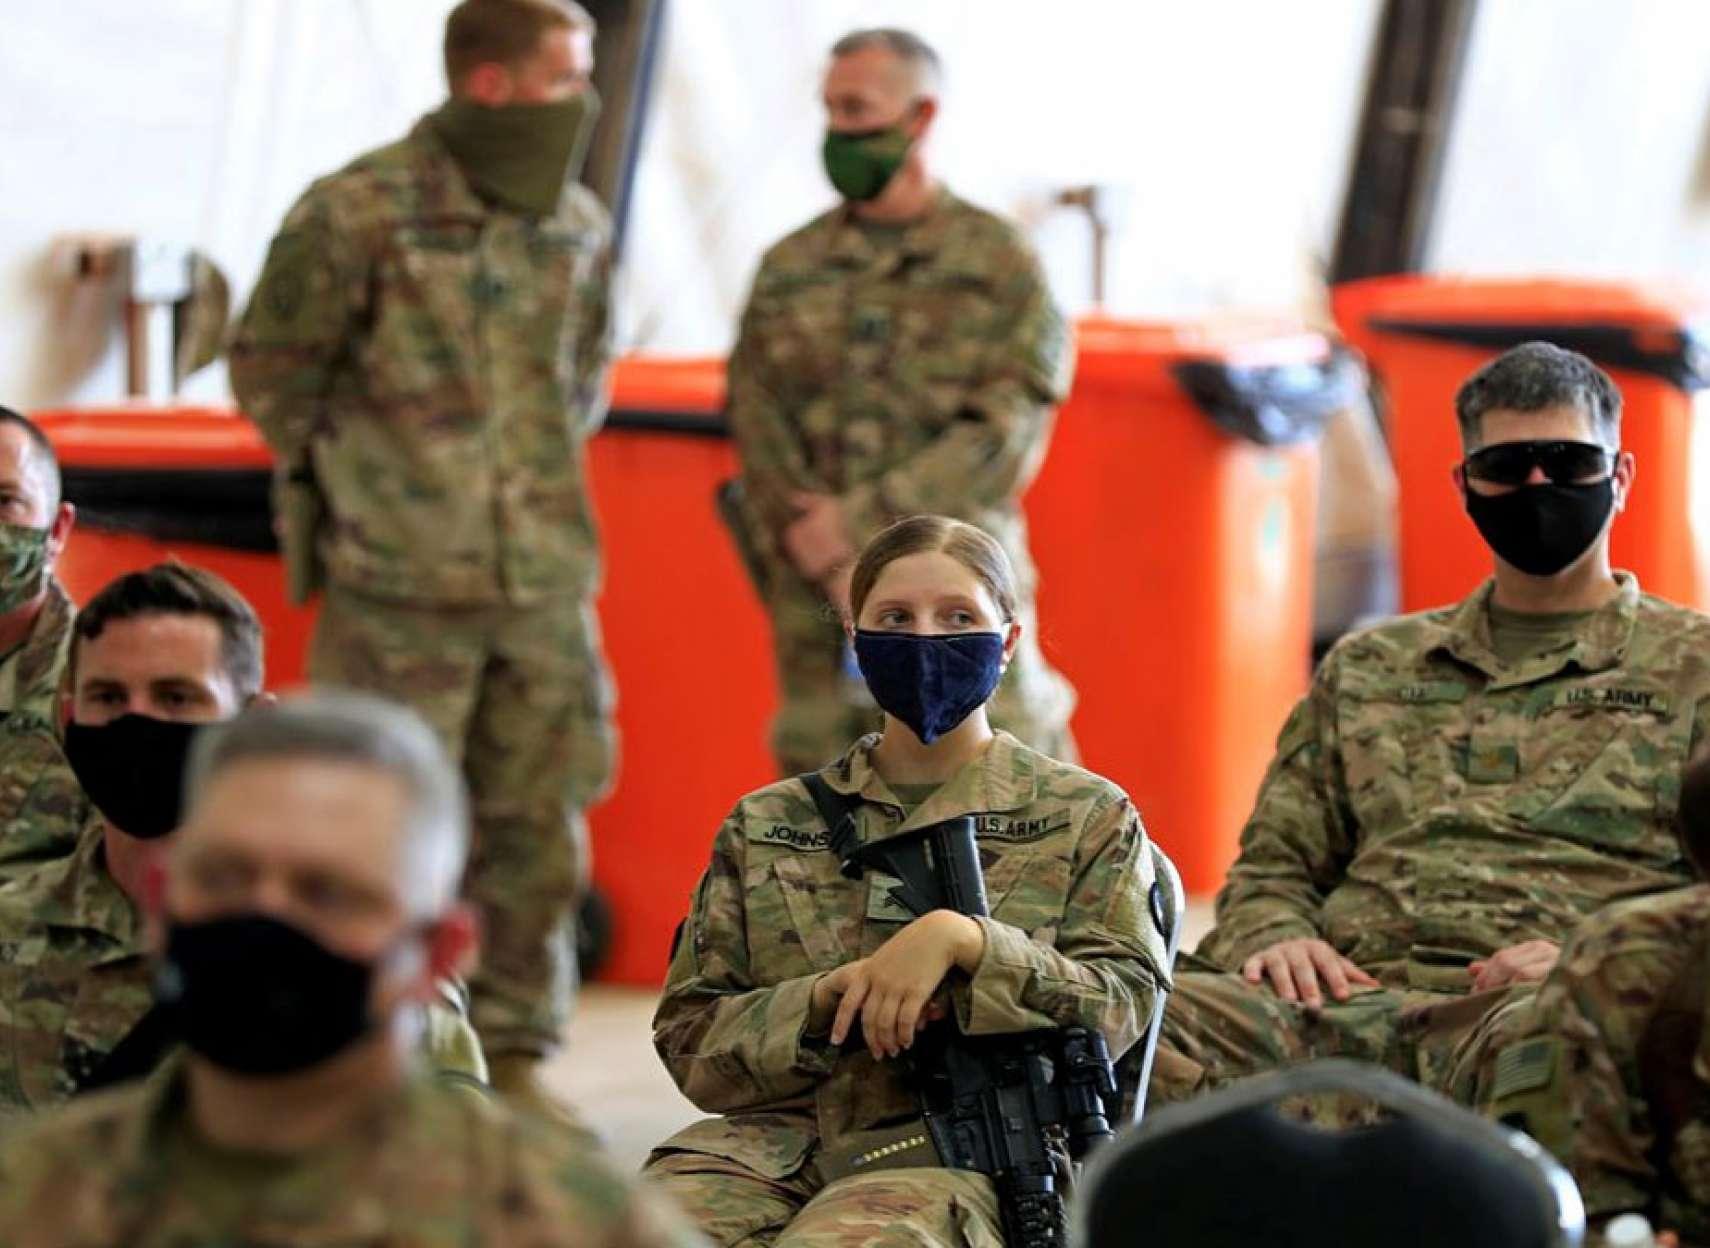 خبر-جهان-خروج-آمریکا-از-عراق-تا-آخر-امسال-رسمی-طالبان-۹۰-مرزها-۸۵-افغانستان-مسلط